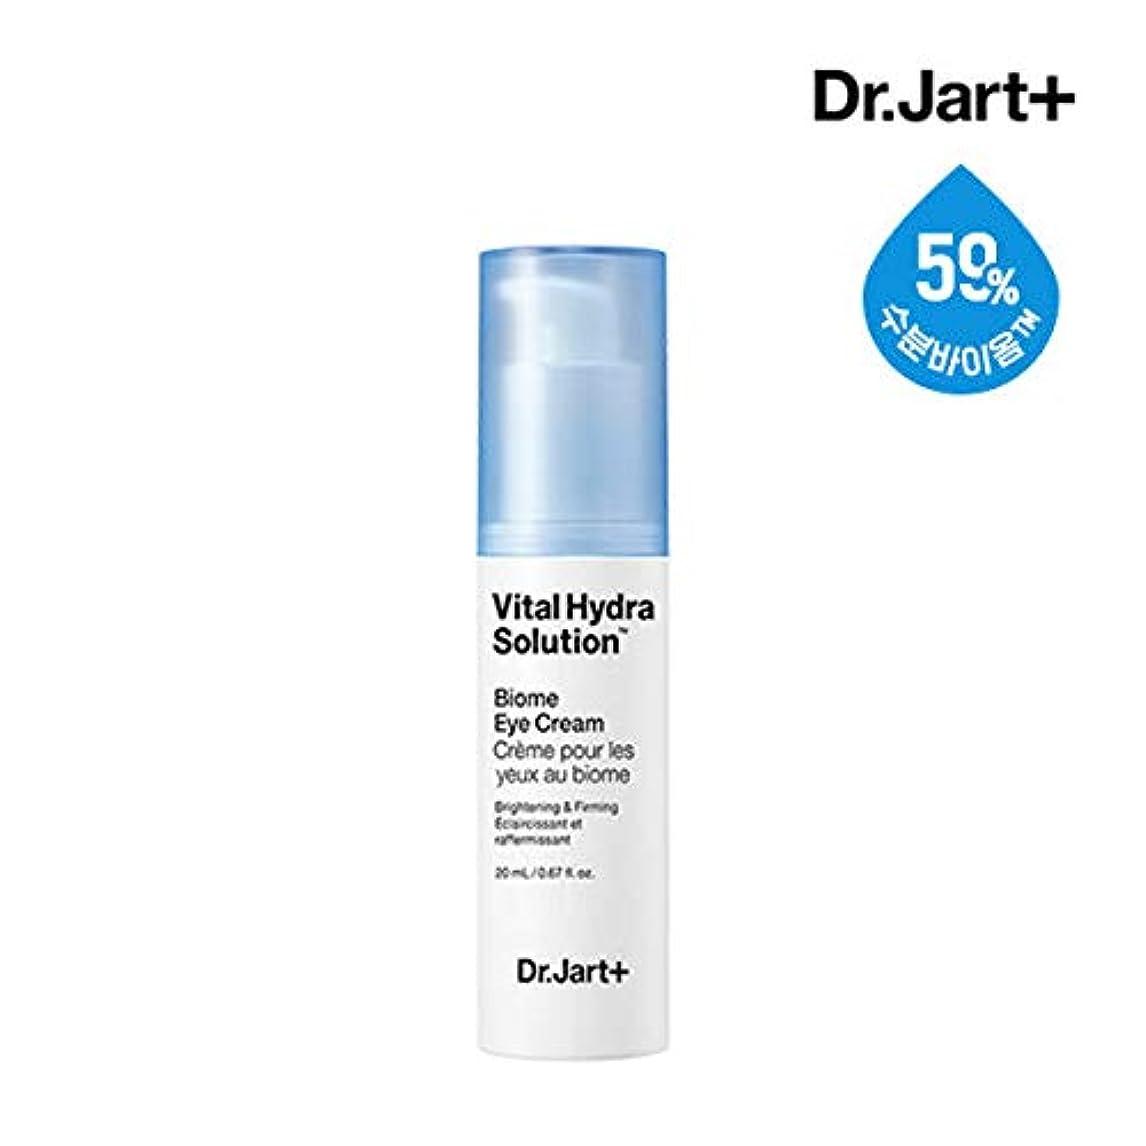 ミット十分入口ドクタージャルトゥ[Dr.Jart+] バイタルハイドラソリューションバイオームアイクリーム20ml (Vital Hydra Solution Biome Eye Cream) / ブライトニング&ファーミング